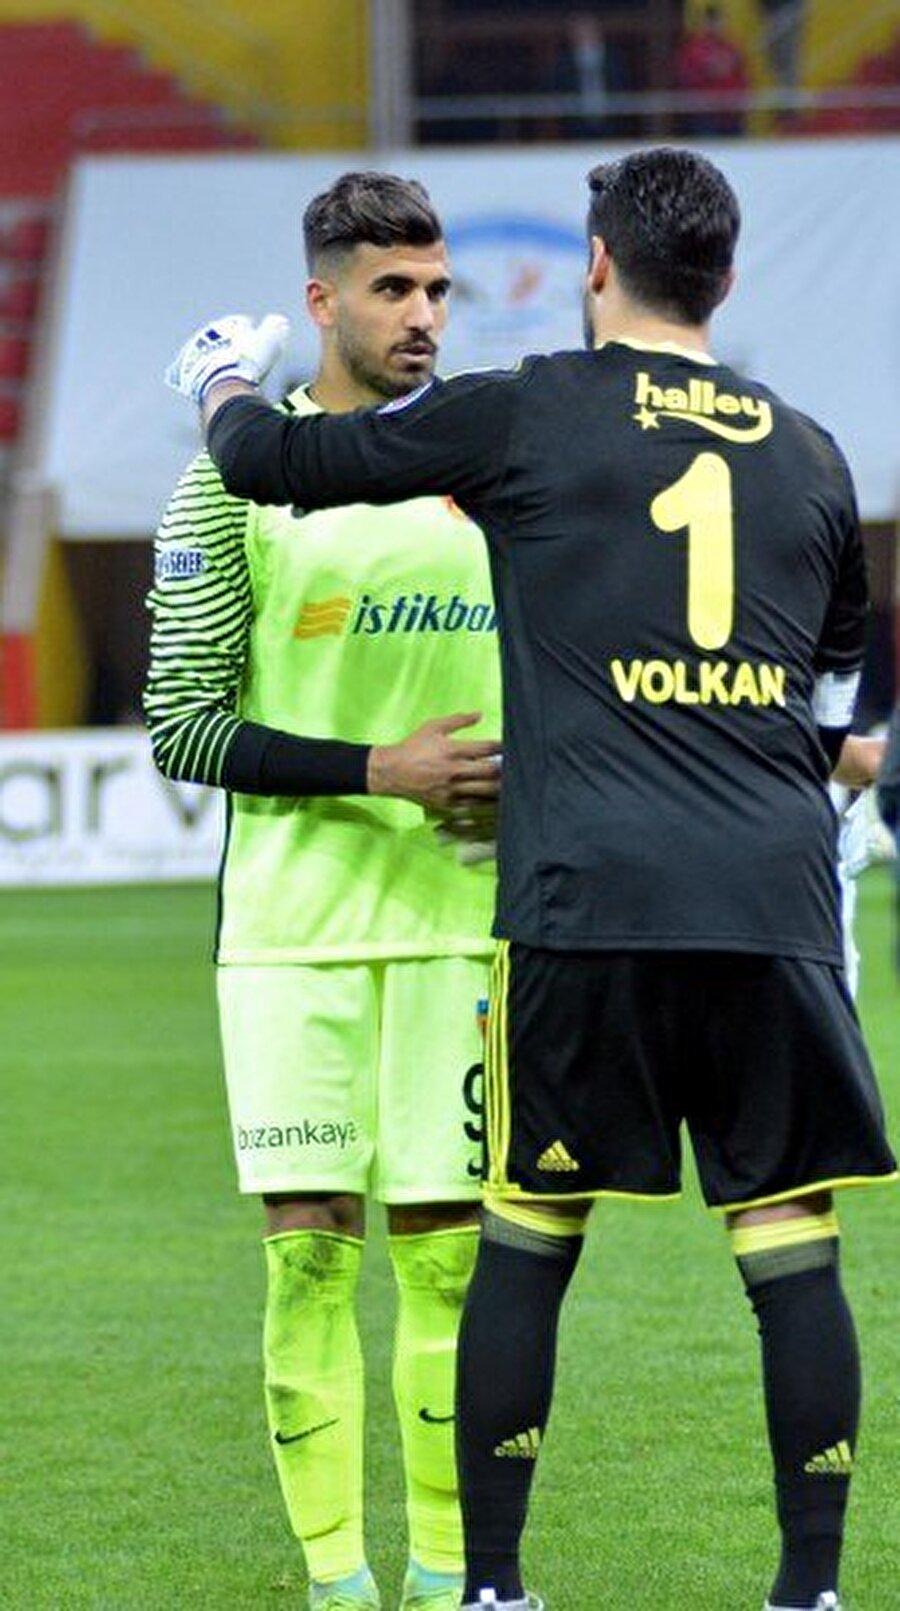 Volkan Demirel'den destek                                      Süper Lig'de ilk kez bir maçta görev alan genç kaleci, bu sezon kupada sadece bir maçta forma giydi. Yediği 5 golün ardından ise yanına koşan ilk isim Volkan Demirel oldu.